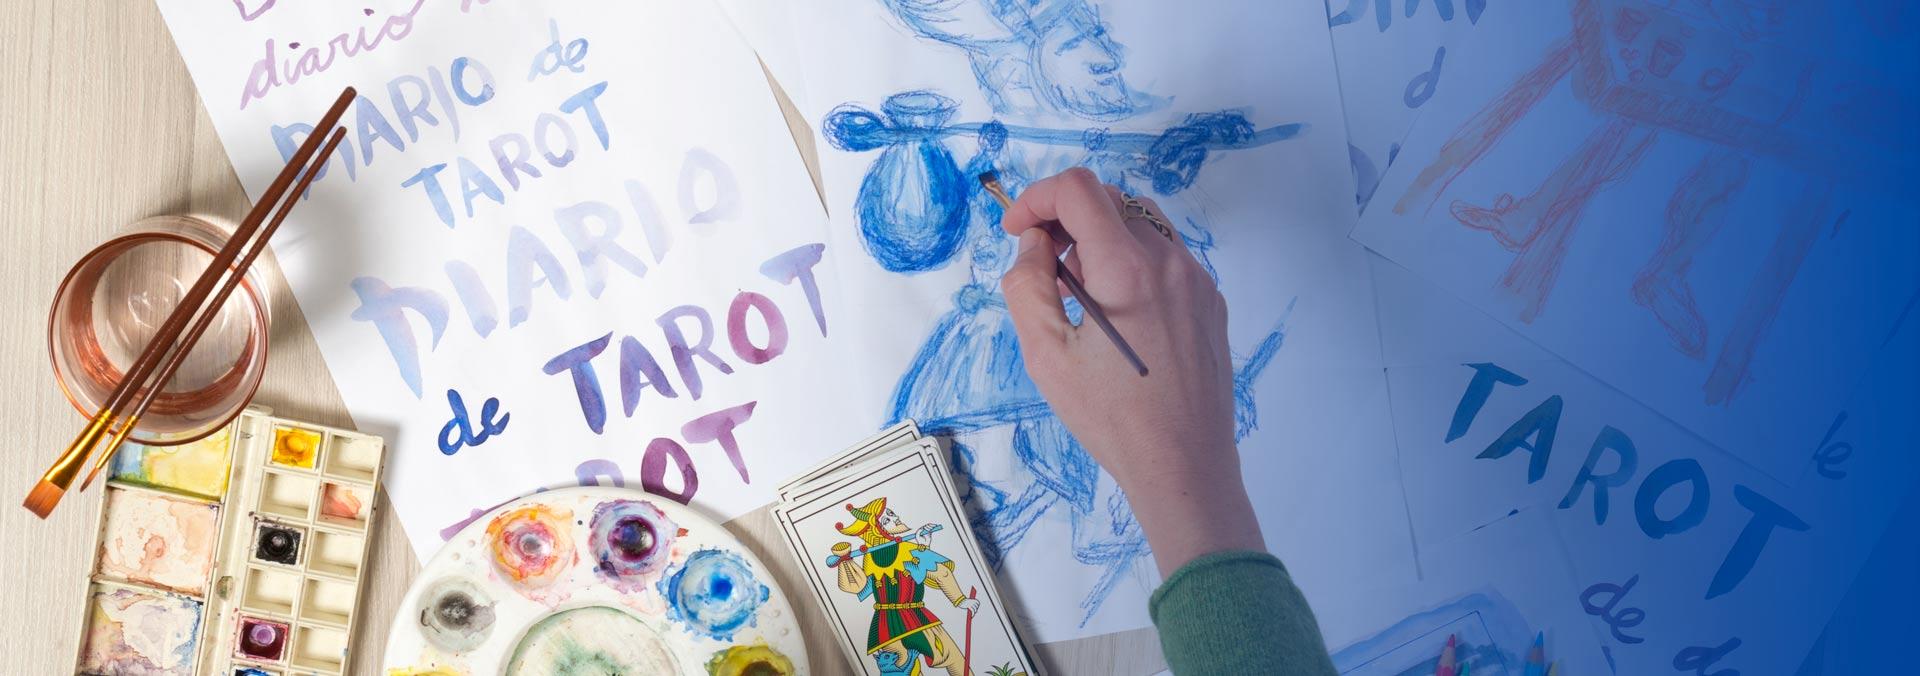 Tarot Lab laboratorio de prácticas y creatividad con el tarot evolutivo y el tarot terapéutico